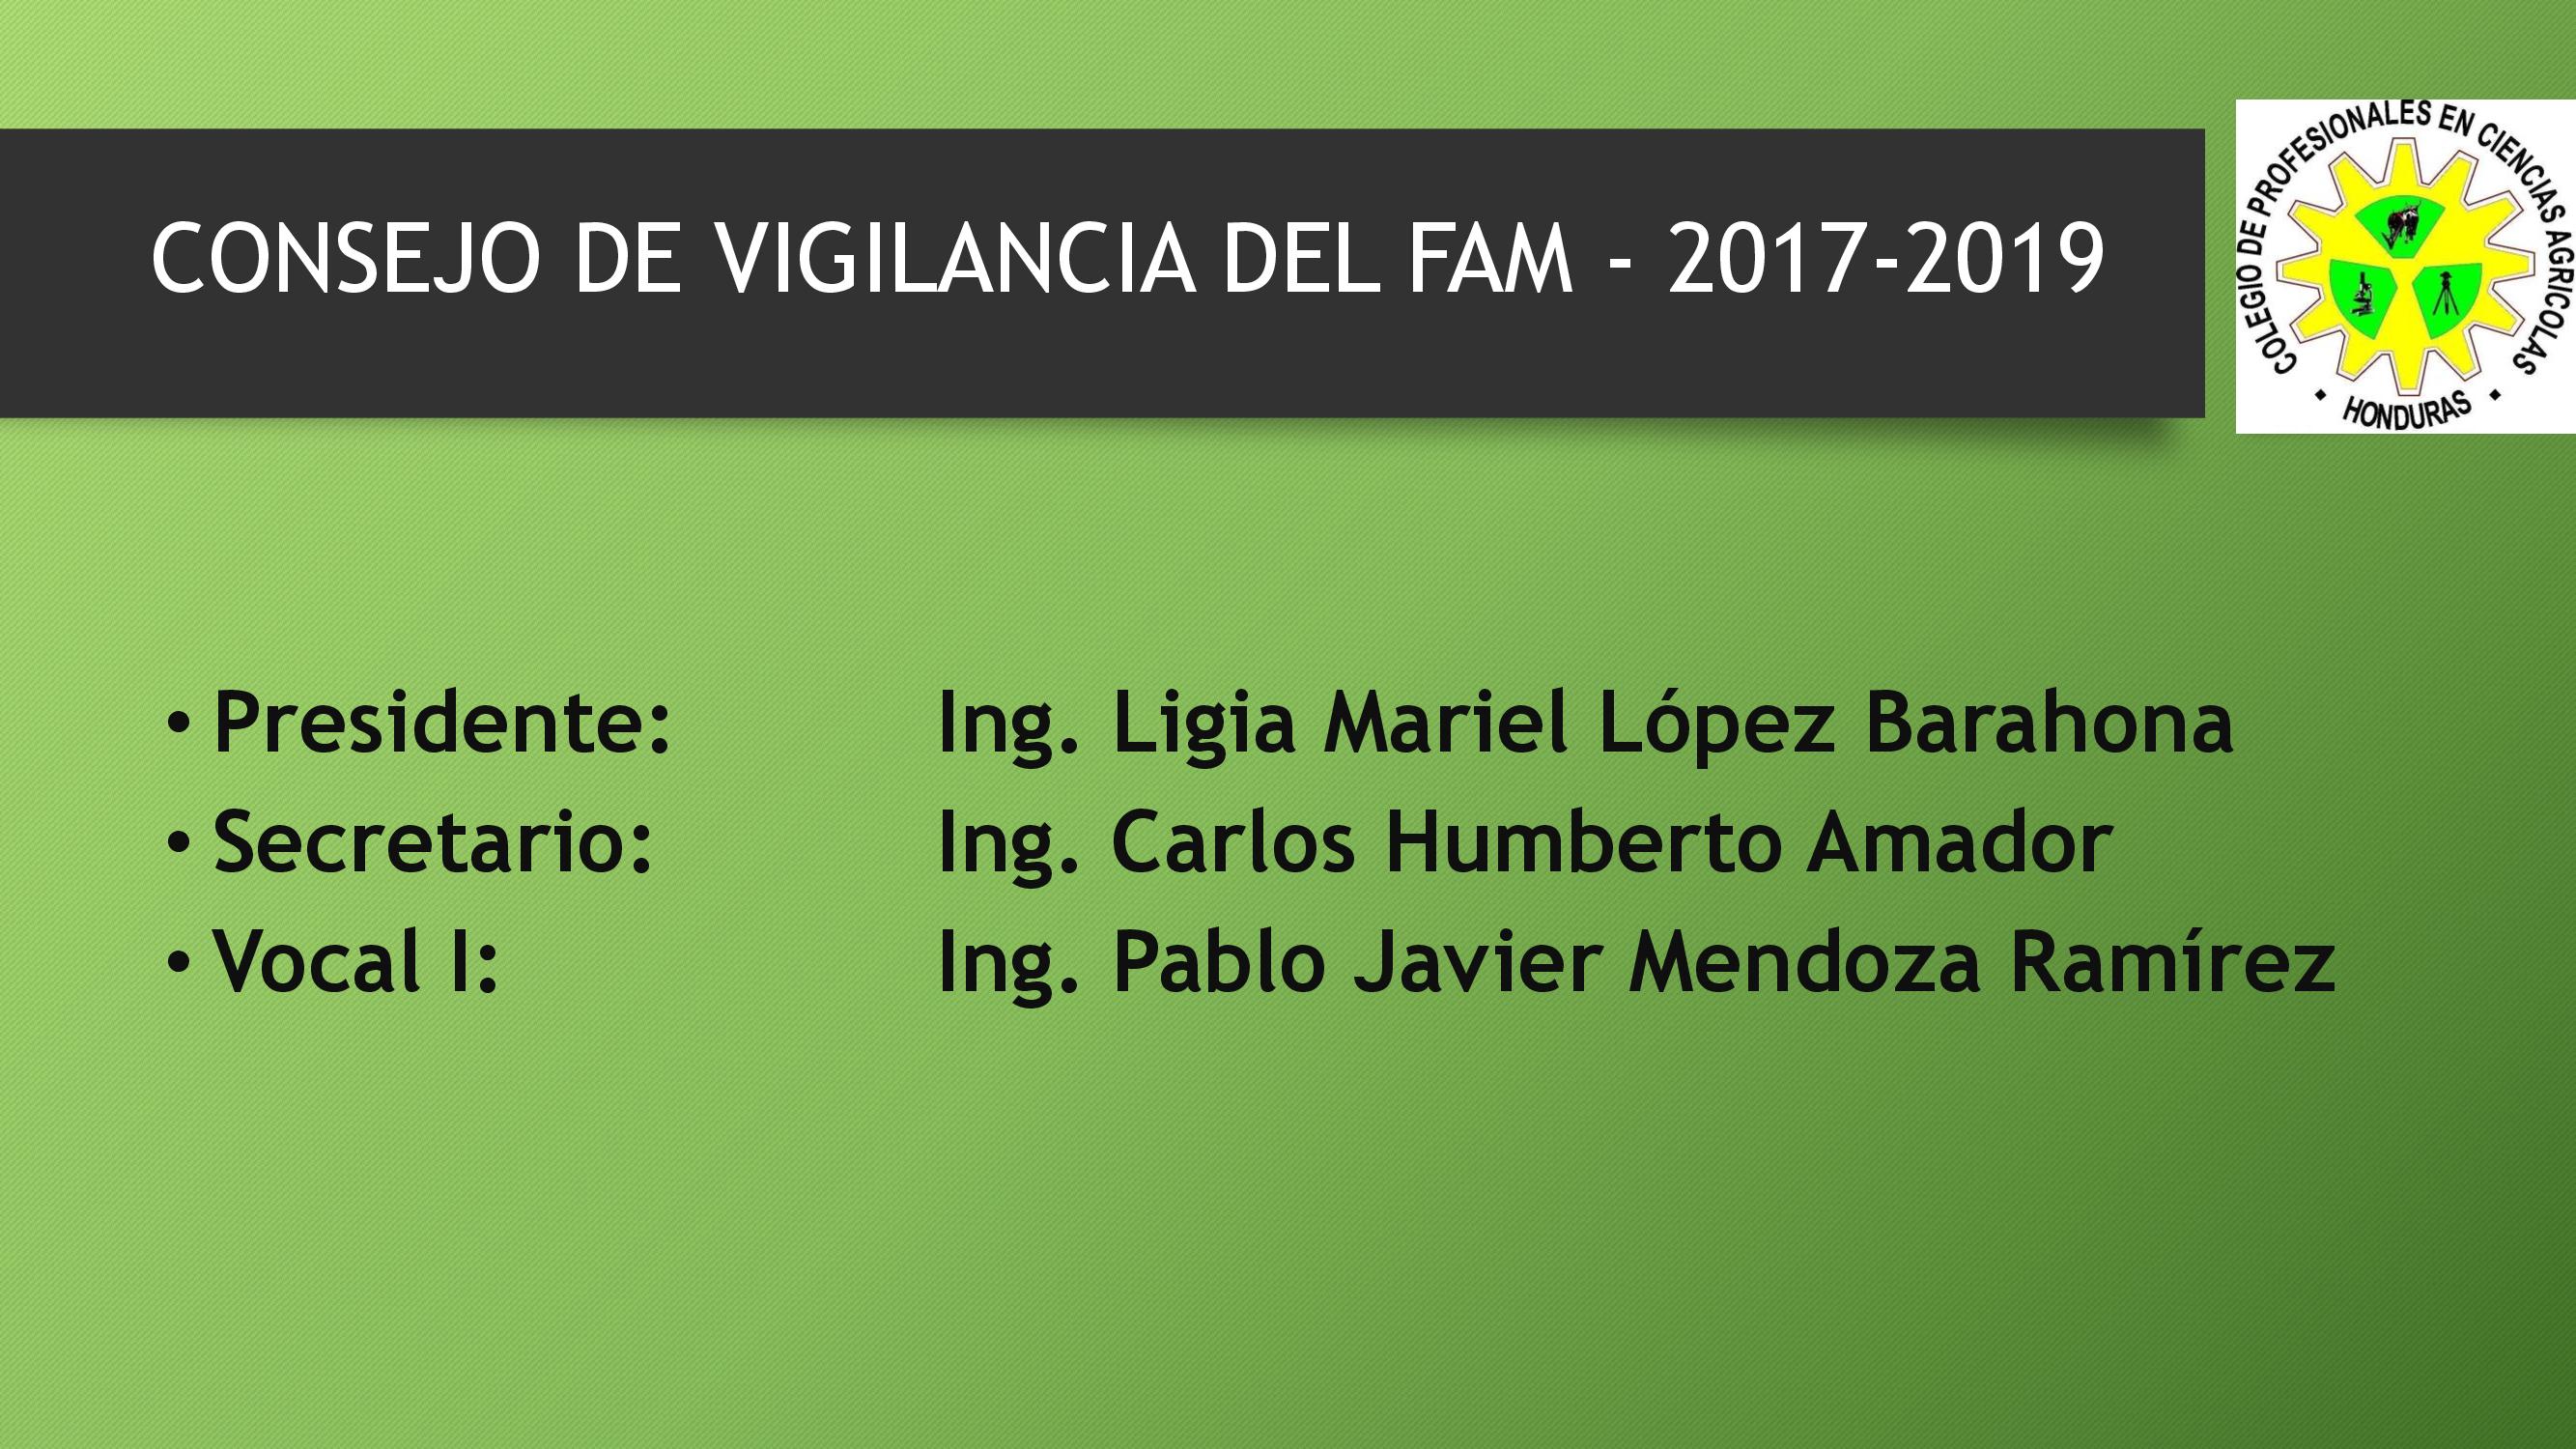 CONSEJO DE VIGILANCIA FAM